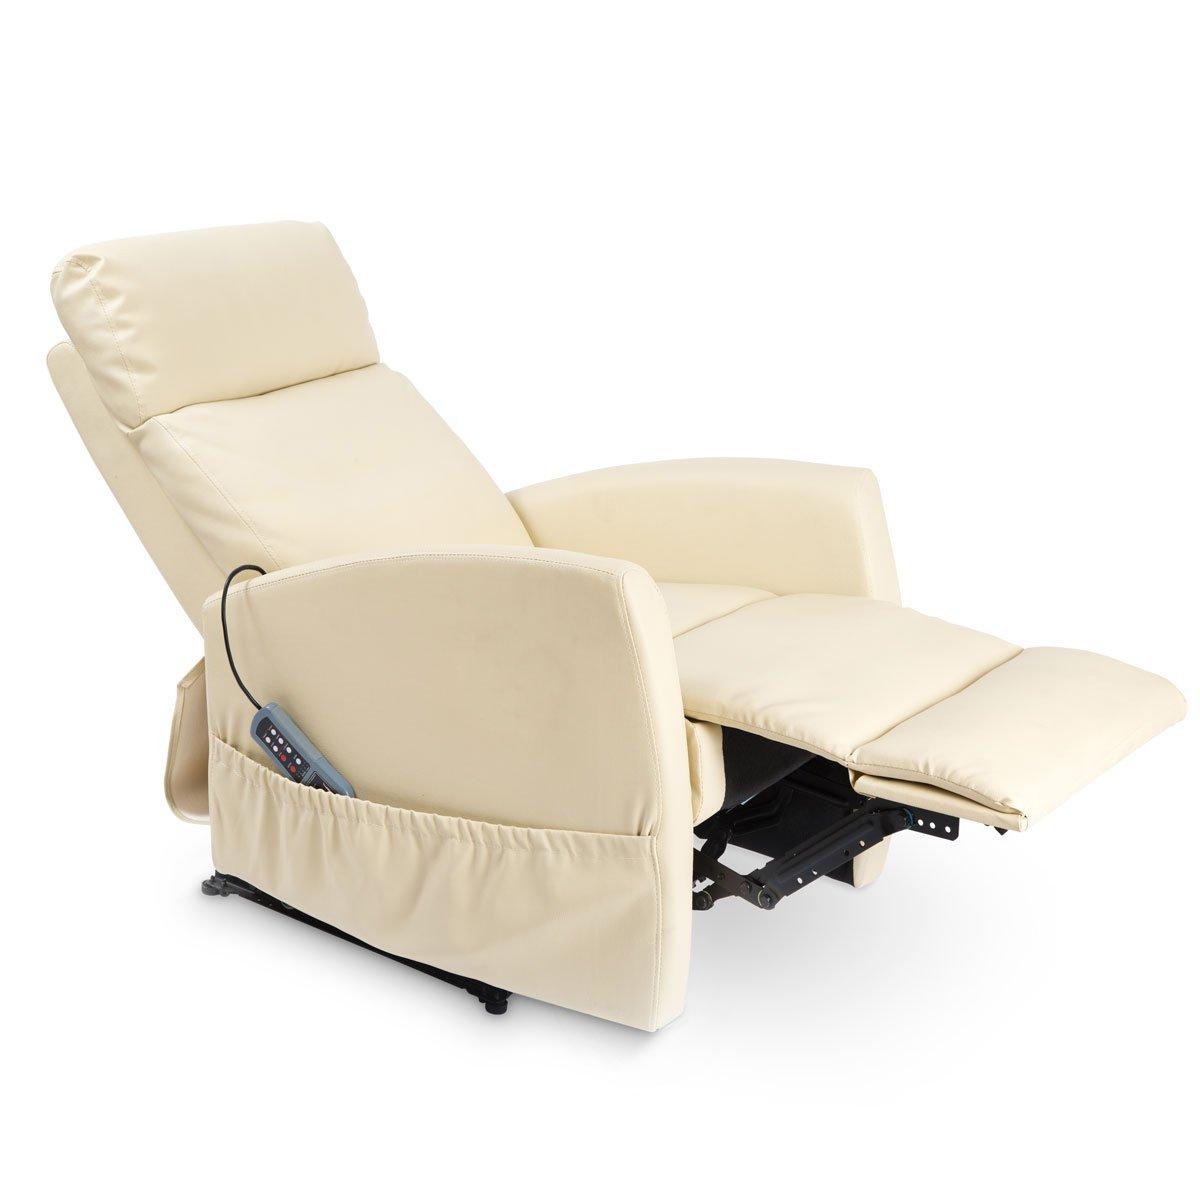 Sillón Relax de Masaje Compact. Función Calor. 5 programas. 3 intensidades. 8 Motores. Mando de Control. Polipiel Bolsillo portaobjetos